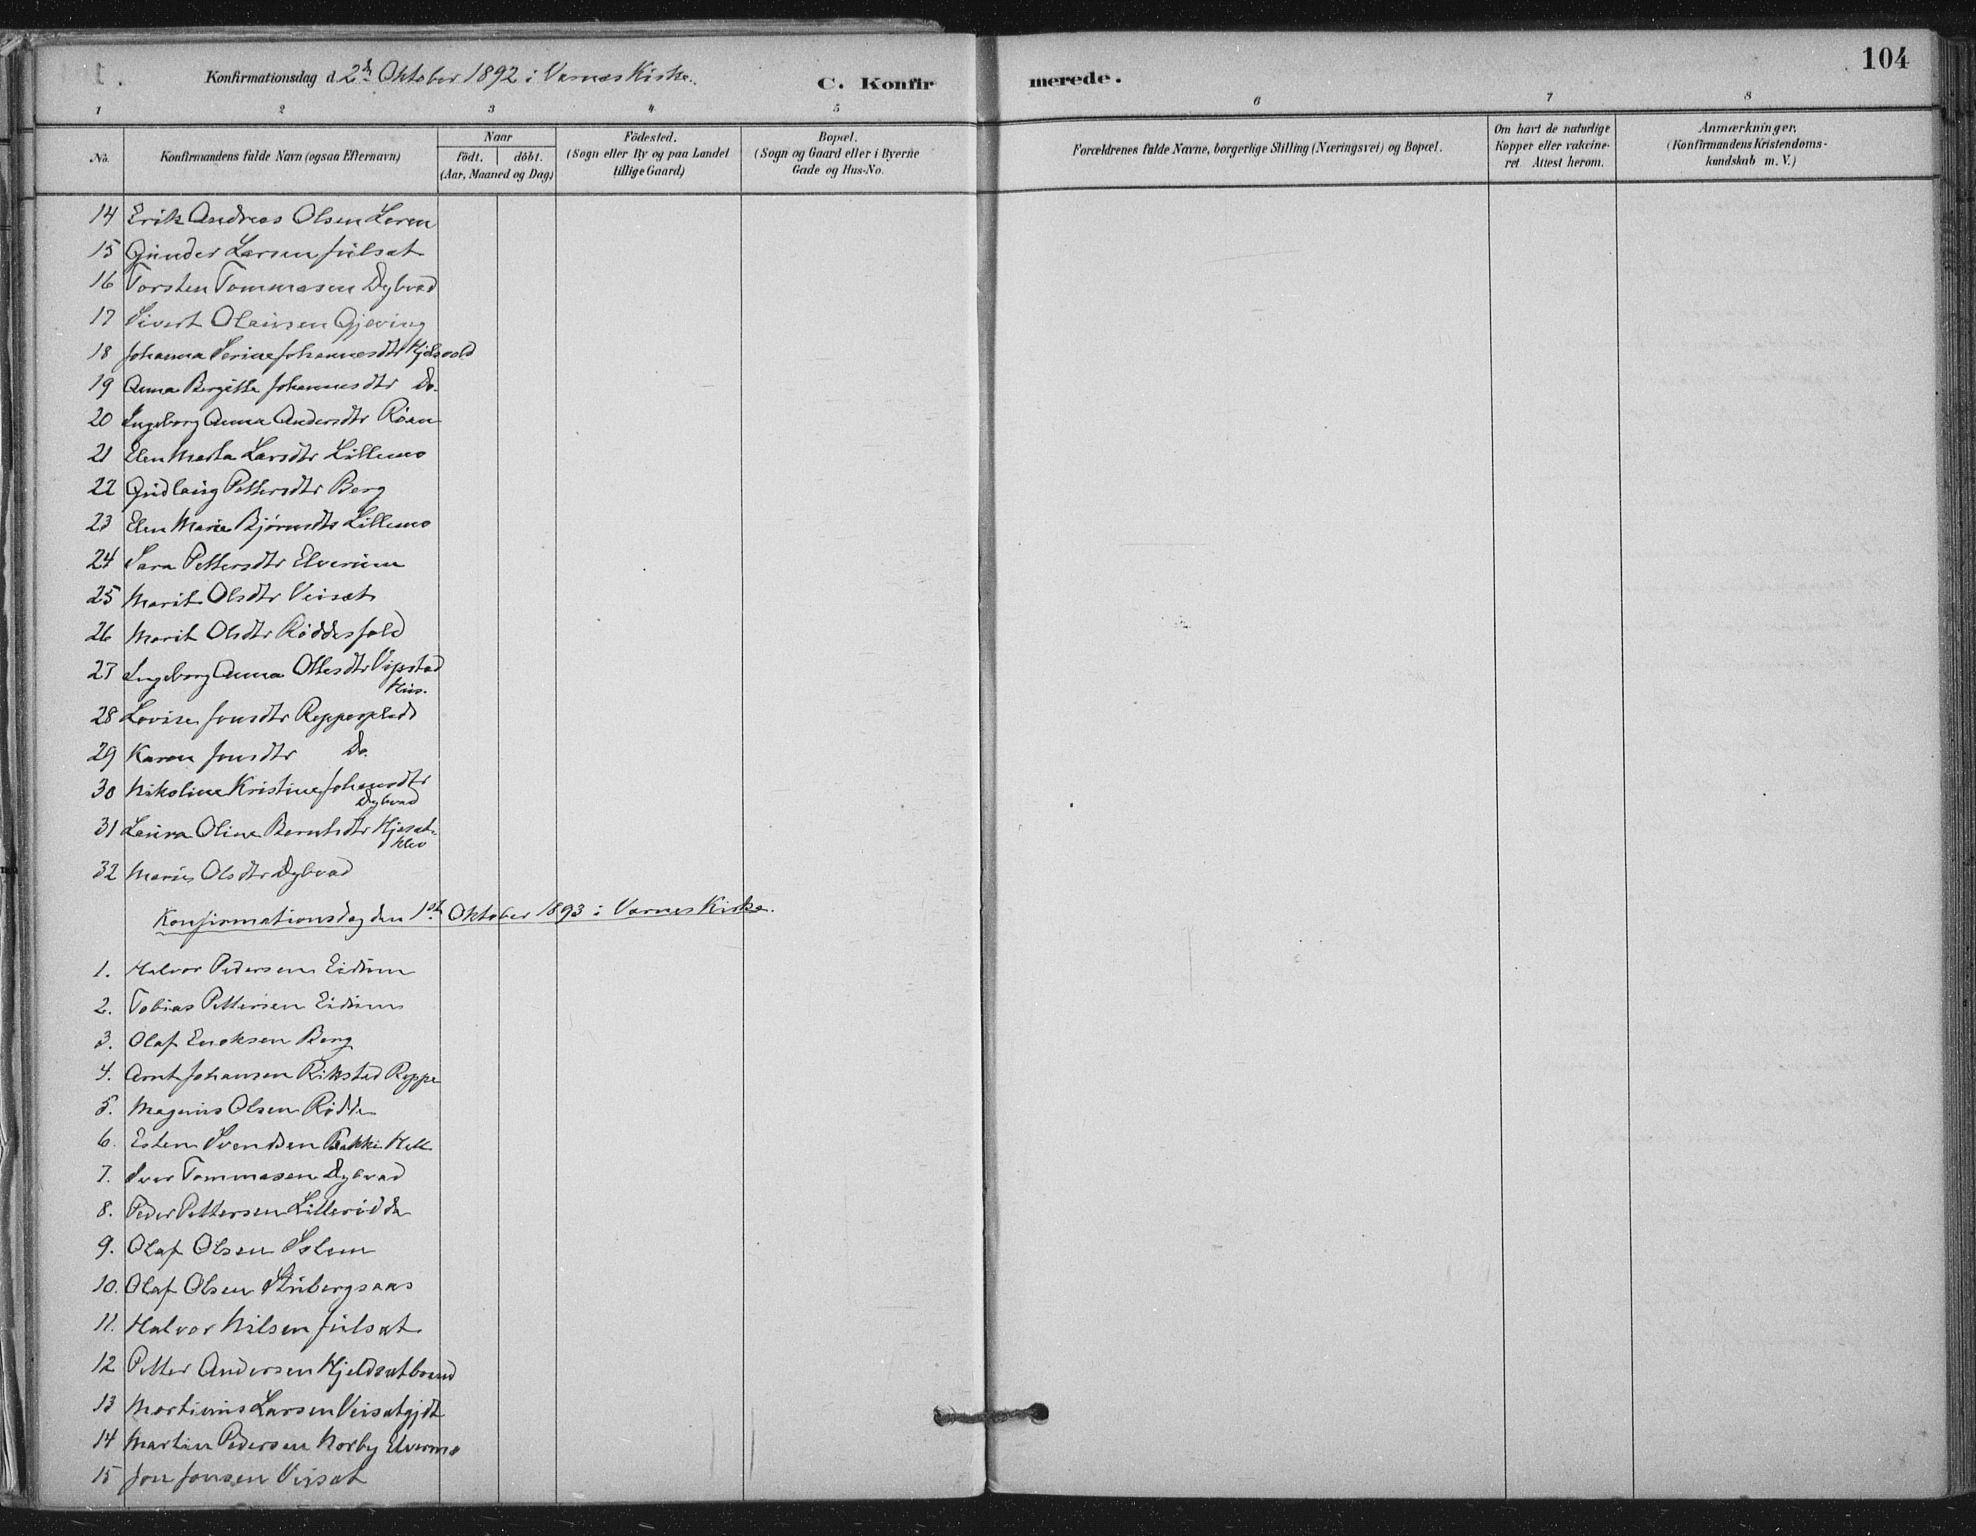 SAT, Ministerialprotokoller, klokkerbøker og fødselsregistre - Nord-Trøndelag, 710/L0095: Ministerialbok nr. 710A01, 1880-1914, s. 104